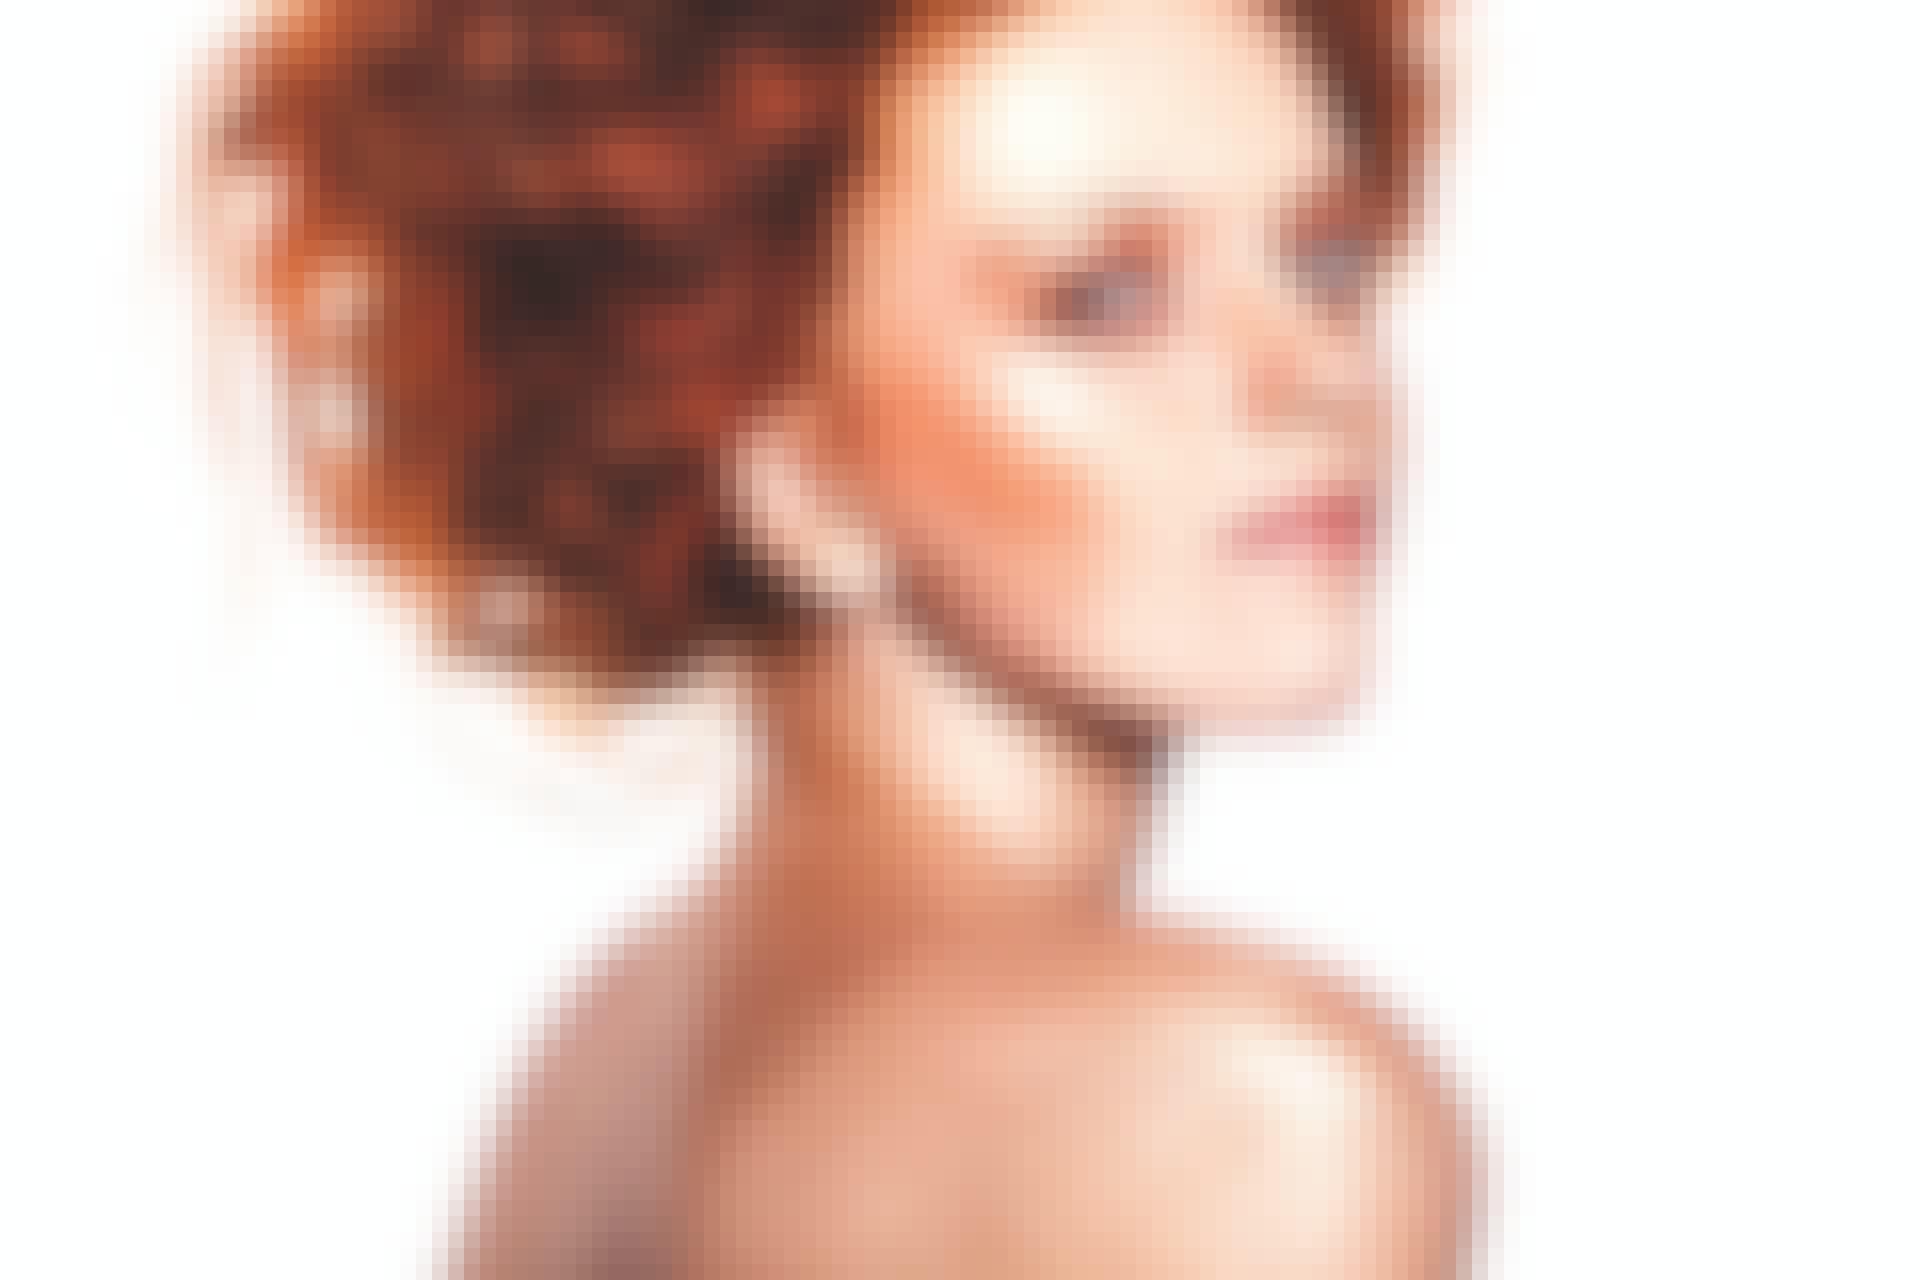 Rødhåret kvinde